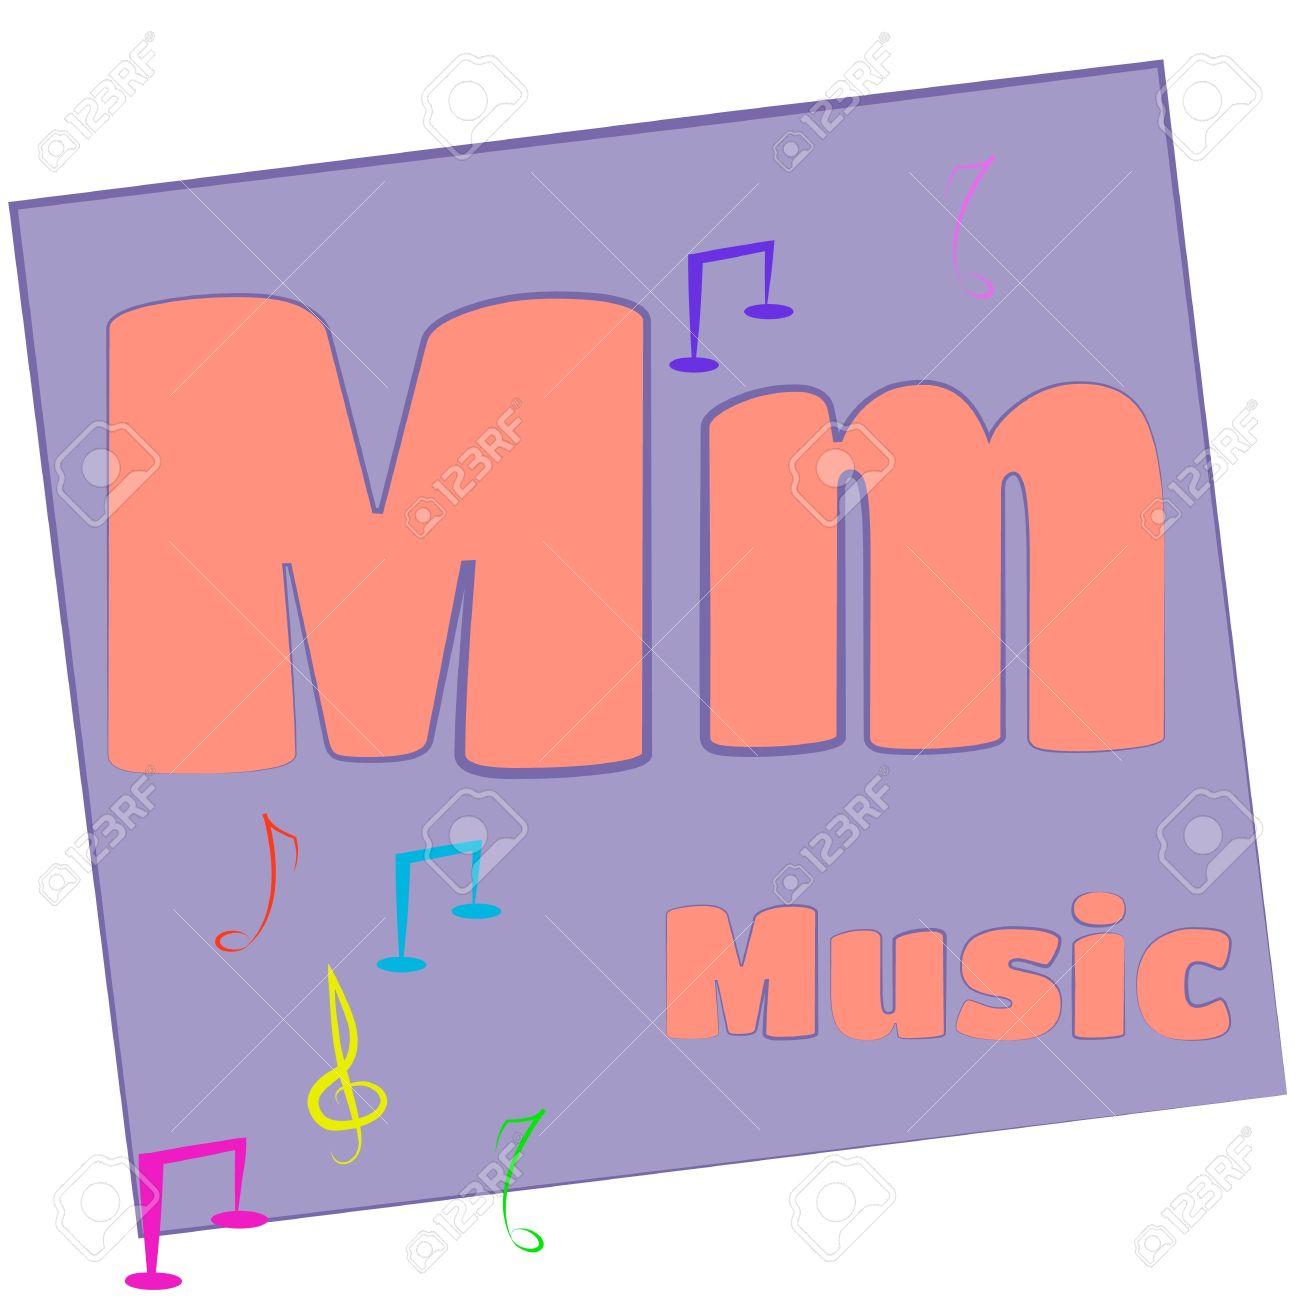 M-música las letras del alfabeto de colores con palabras que empiecen con cada una y su imagen Foto de archivo - 14267642